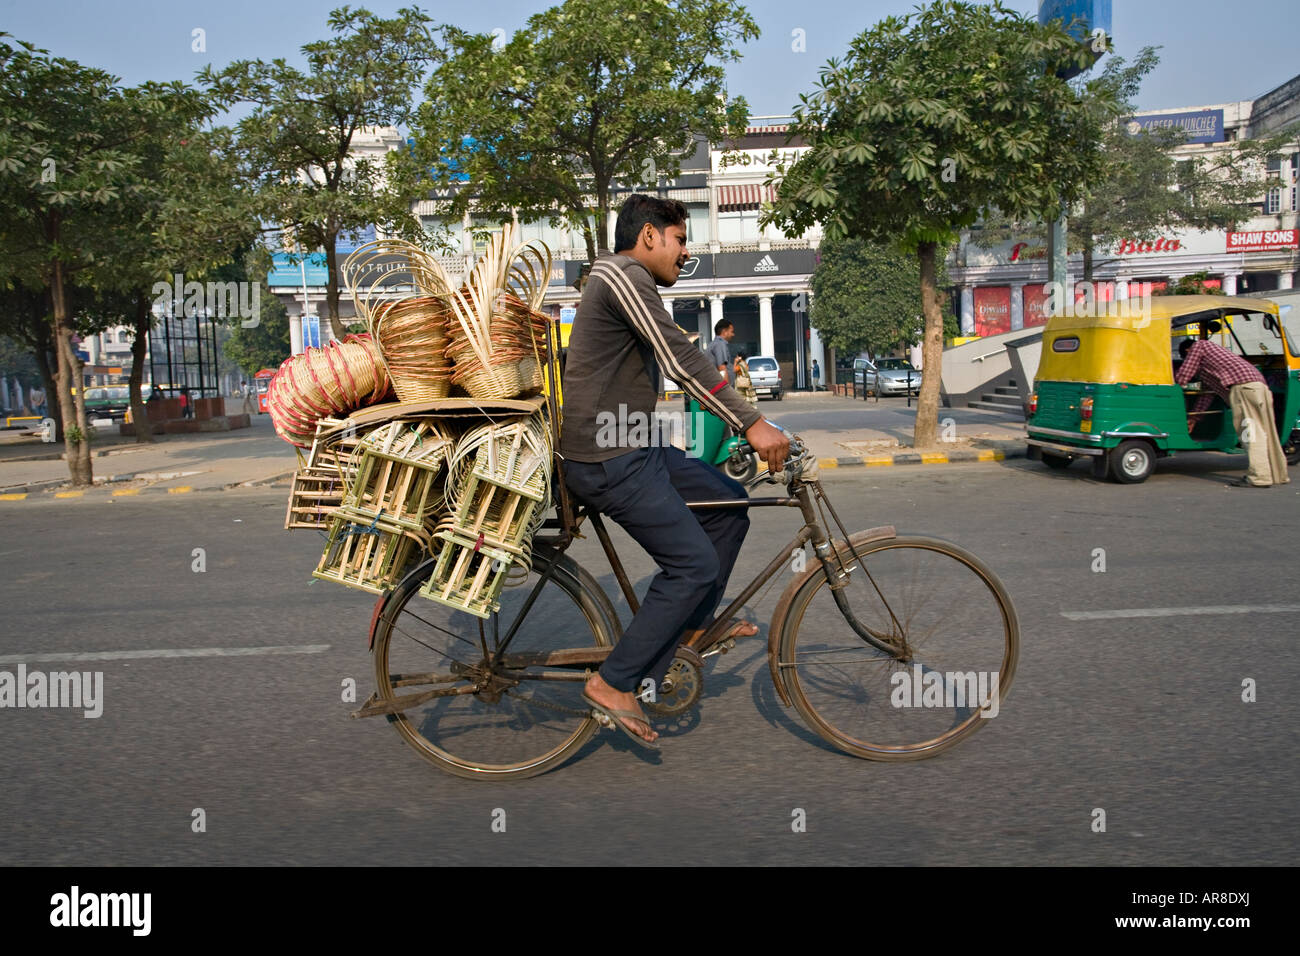 Indian man on a bicycle, Netagi Subhash Marg, Delhi, India - Stock Image